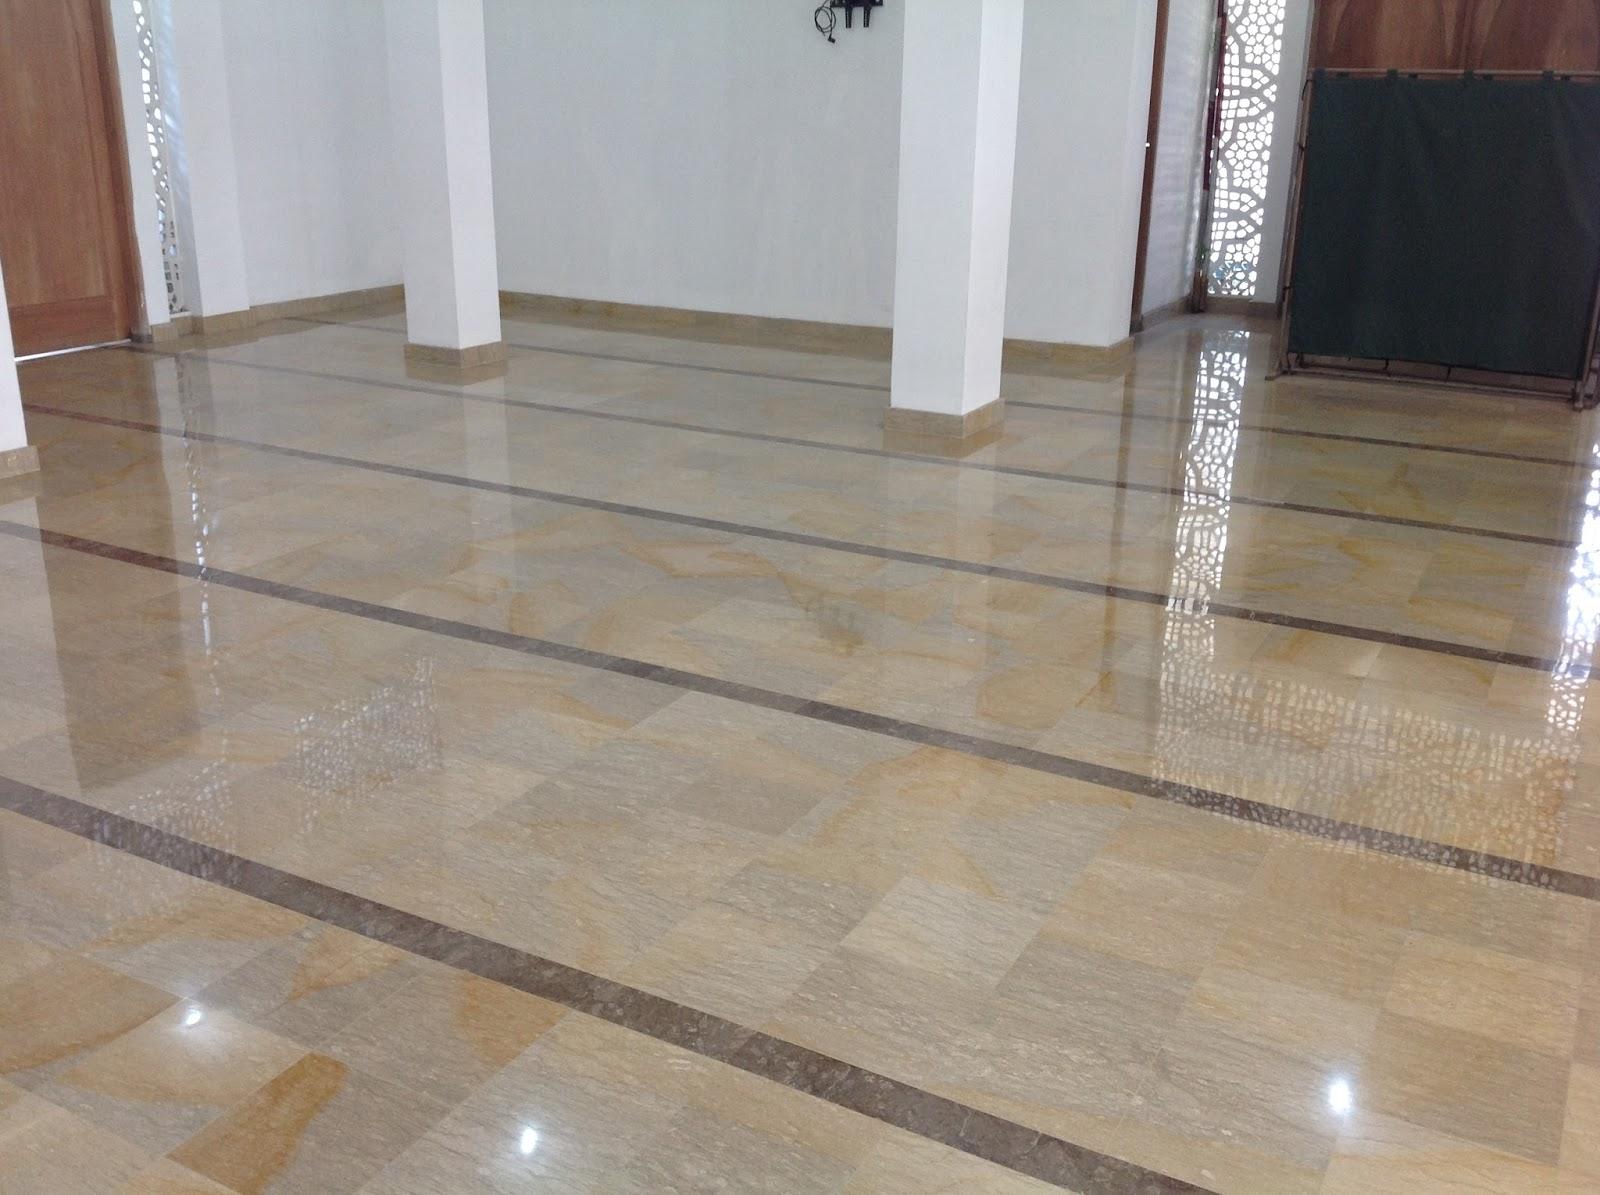 Harga Marmer Per M2 Statuario Classico Marble Granite